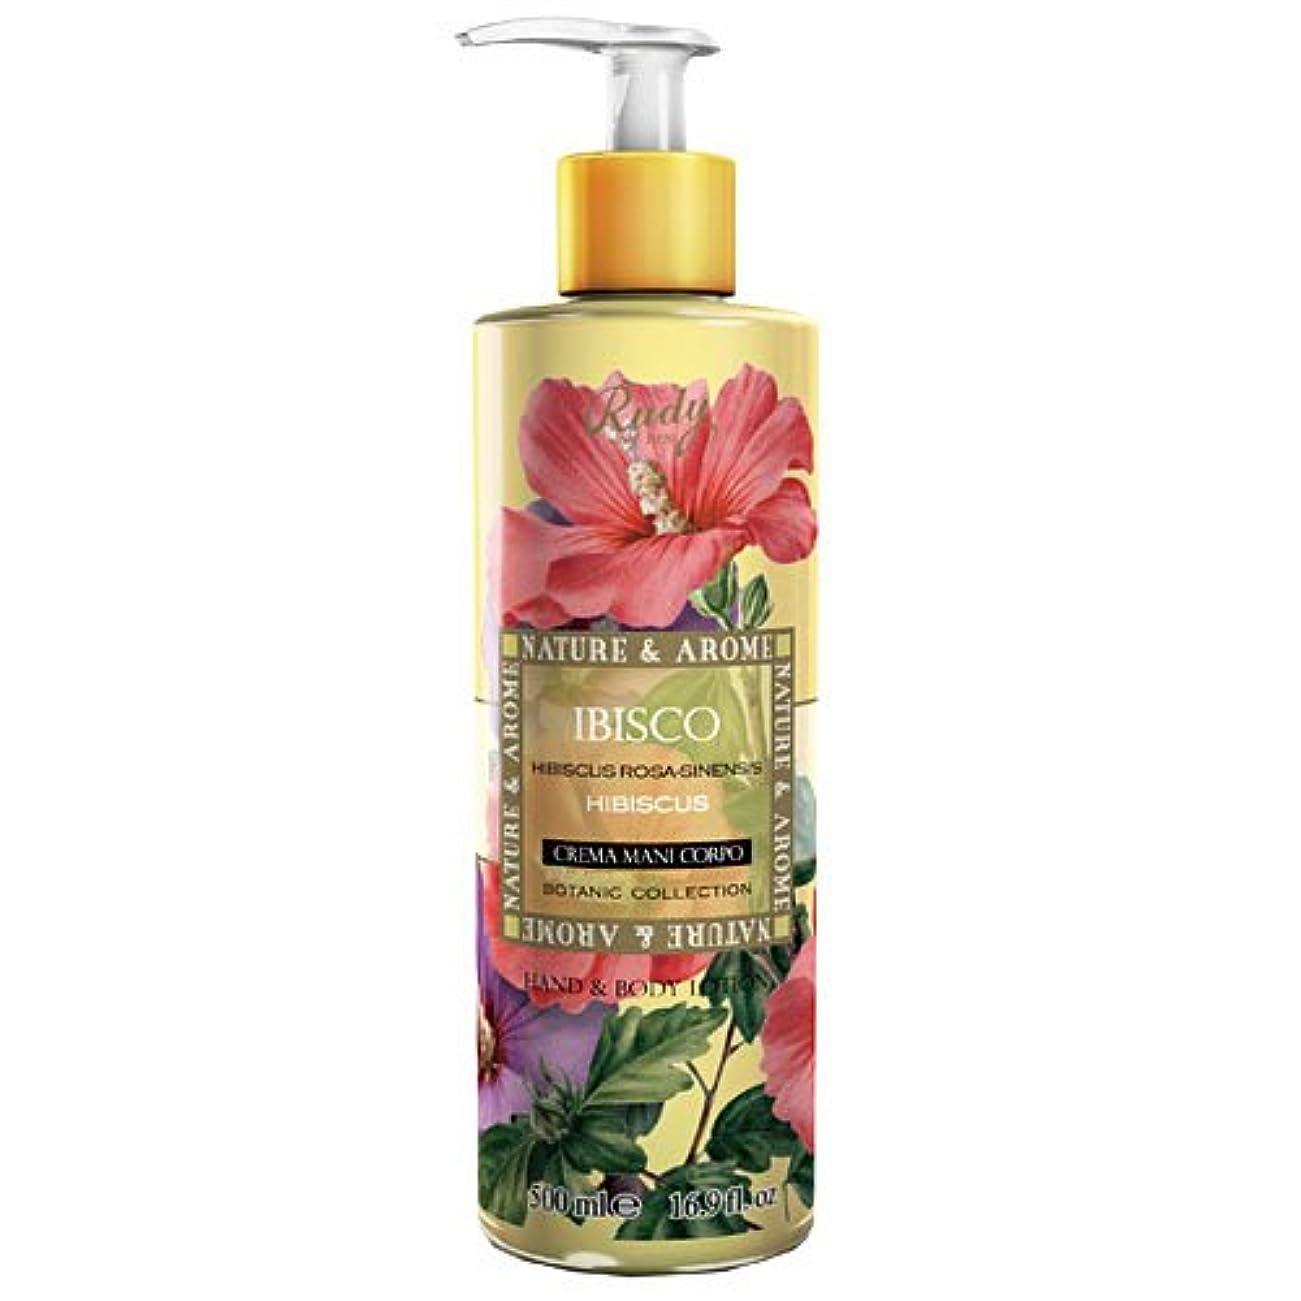 小麦粉舌な本物RUDY Nature&Arome SERIES ルディ ナチュール&アロマ Hand&Body lotion ハンド&ボディローション ハイビスカス